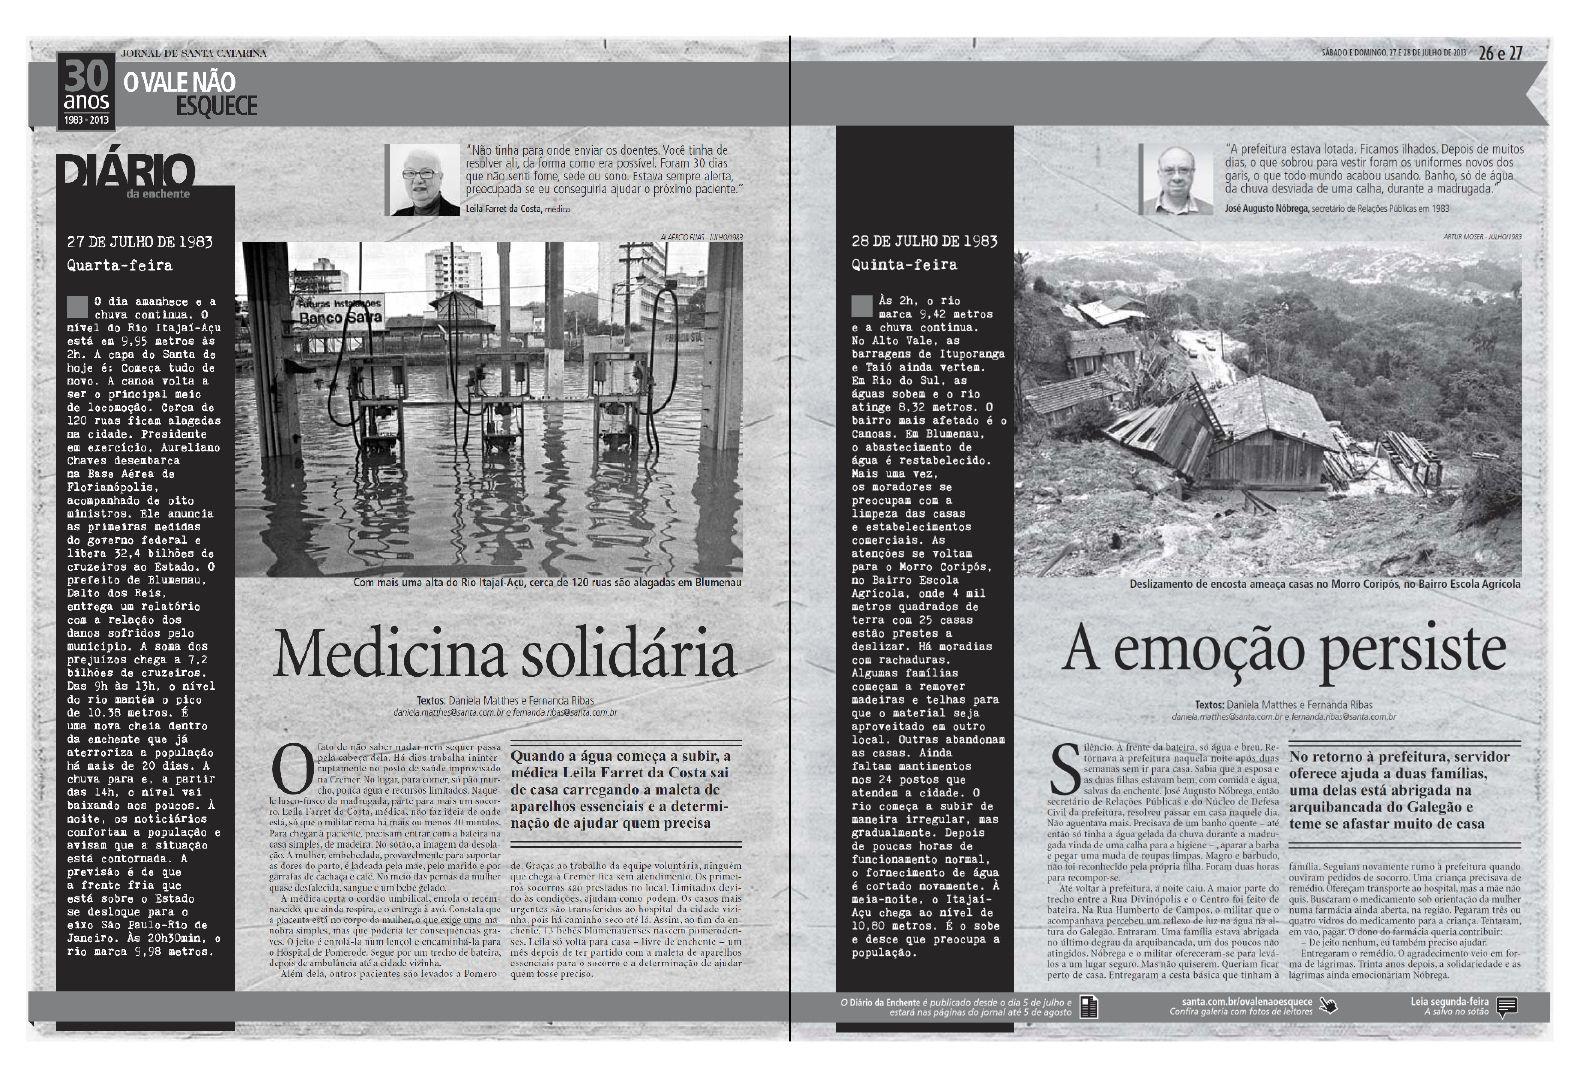 Acompanhe também em www.santa.com.br Edição: Cleisi Soares / Textos: Daniela Matthes e Fernanda Ribas / Design: Aline Fialho